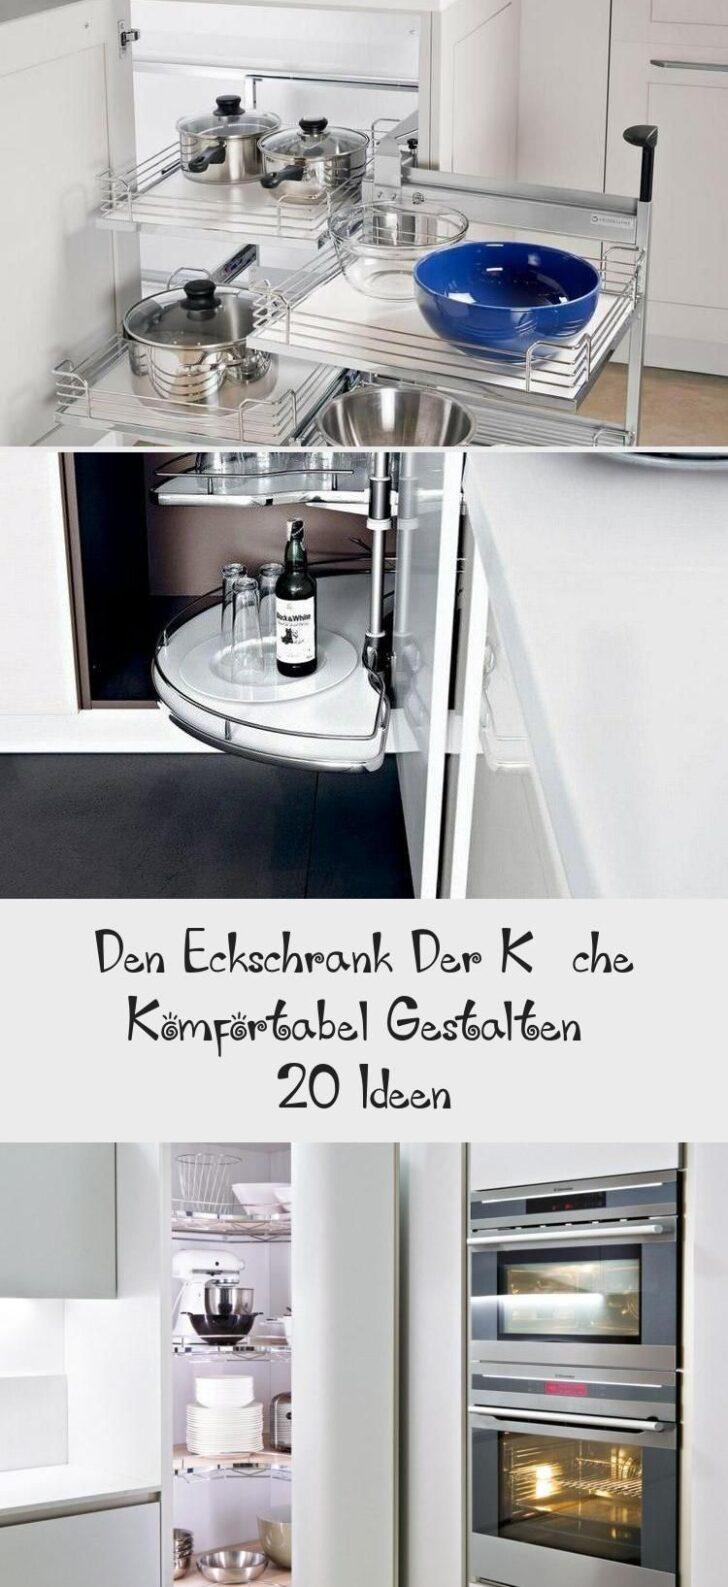 Medium Size of Küche Eckschrank Rondell Bodenbelag Ikea Kosten Musterküche Behindertengerechte Betonoptik Tapete Modern Landhausküche Gebraucht Ohne Geräte Deko Für Wohnzimmer Küche Eckschrank Rondell